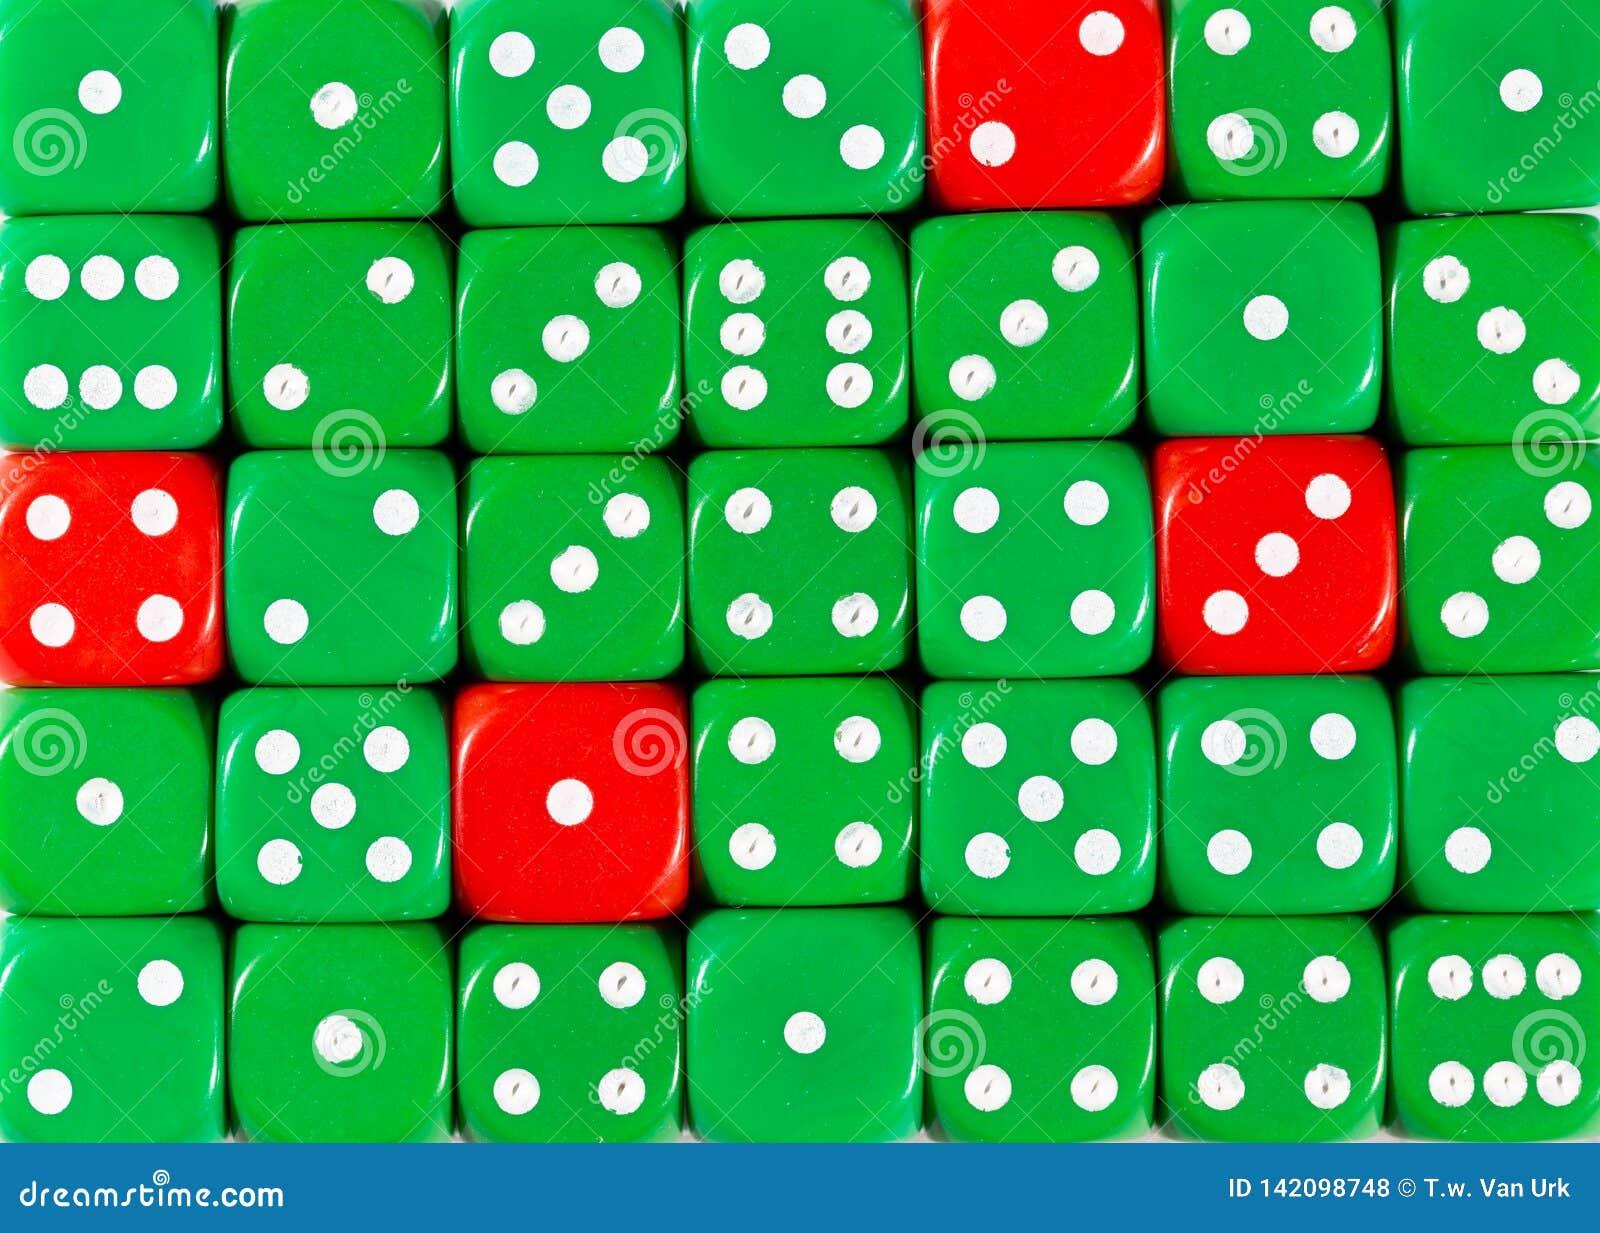 Το υπόβαθρο τυχαίου διαταγμένου πράσινου χωρίζει σε τετράγωνα με τέσσερις κόκκινους κύβους